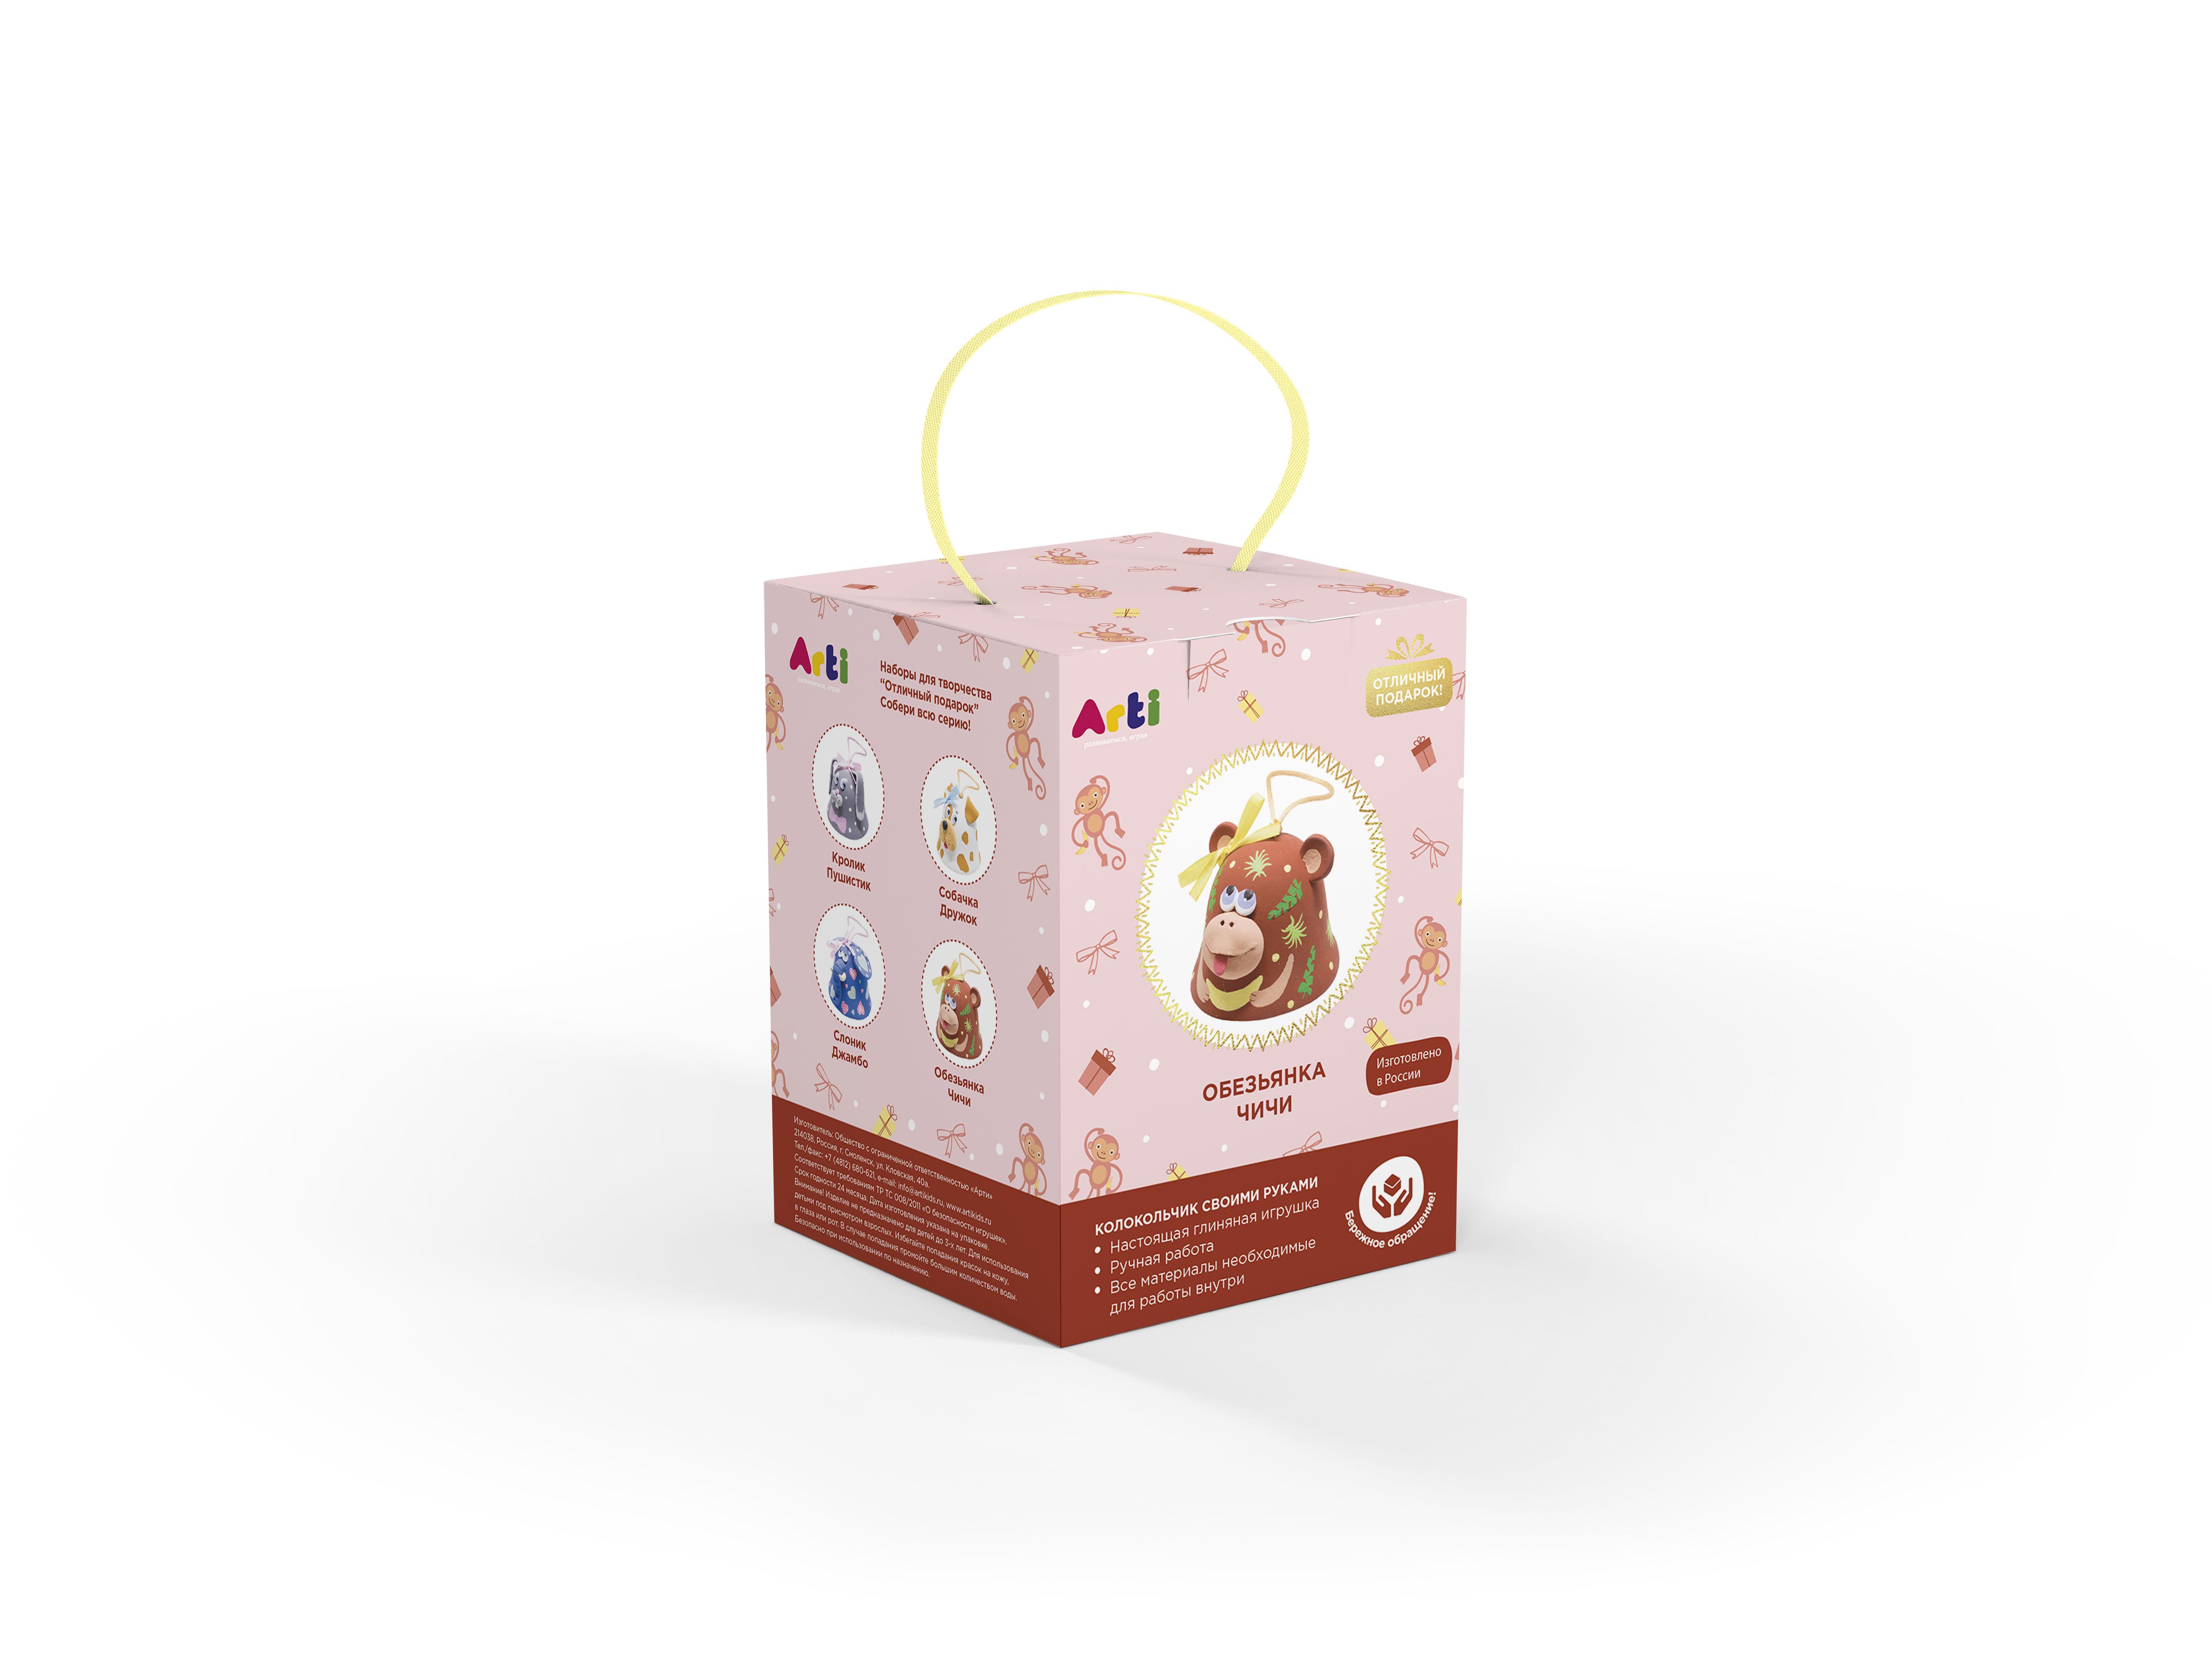 Arti.Набор для творчества Отличный подарок Обезьянка Чичи arti набор для творчества arti отличный подарок обезьянка чичи